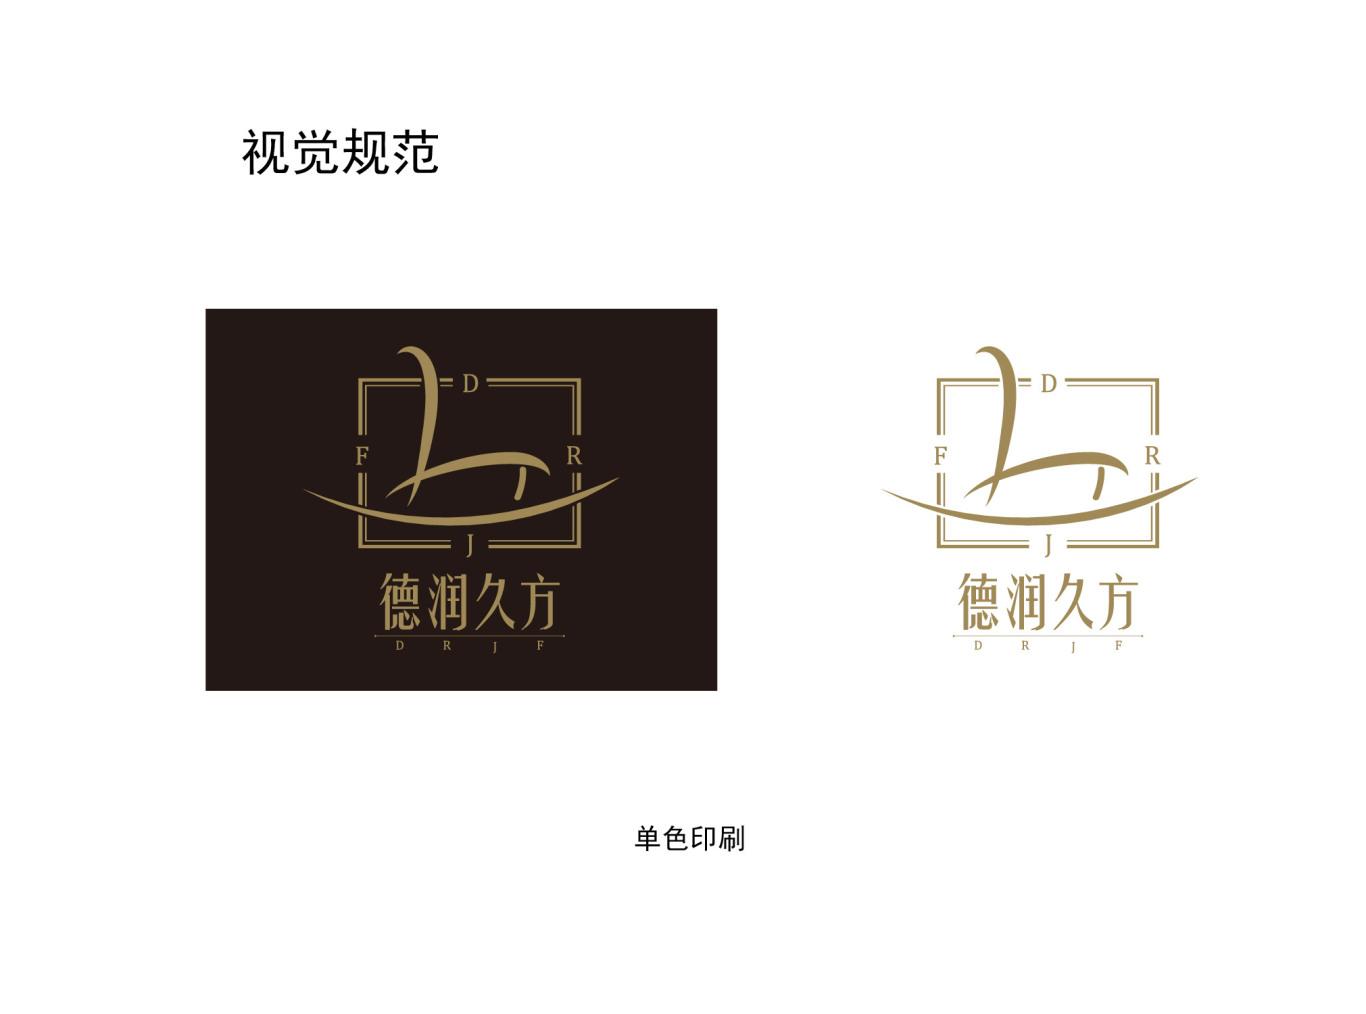 德润久方logo设计图5